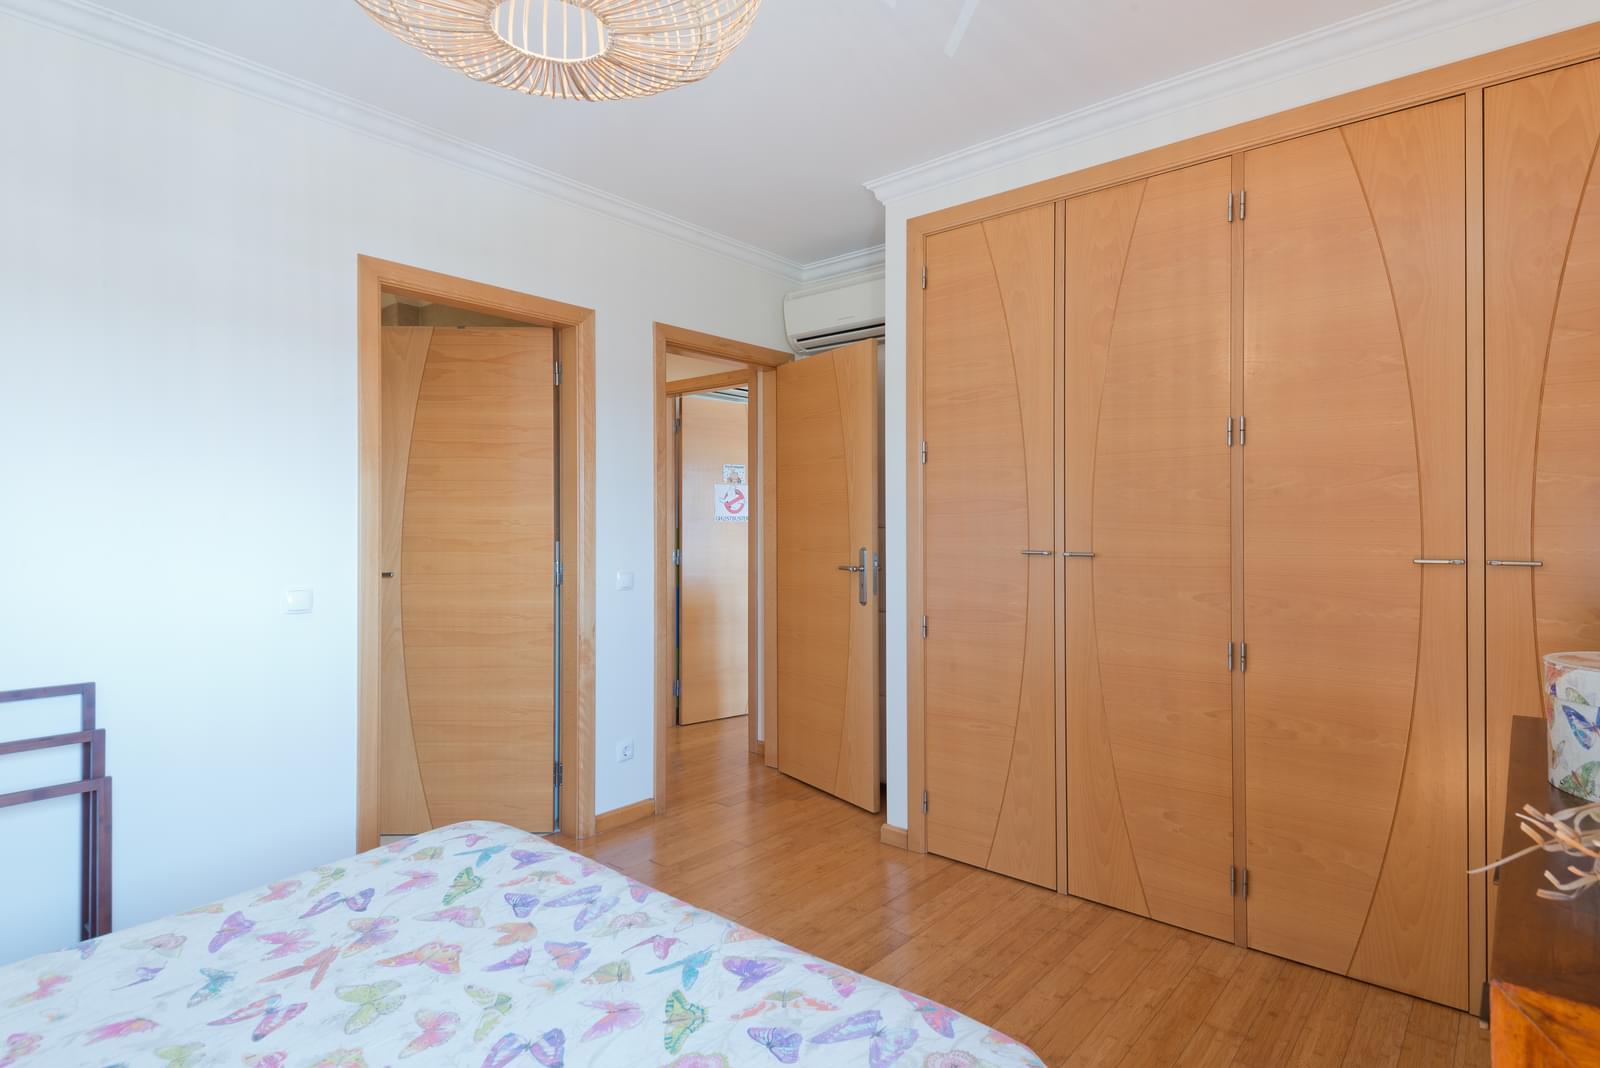 pf17498-apartamento-t2-cascais-c37f69e5-78a5-4832-8cf5-13d10bcc1bfd